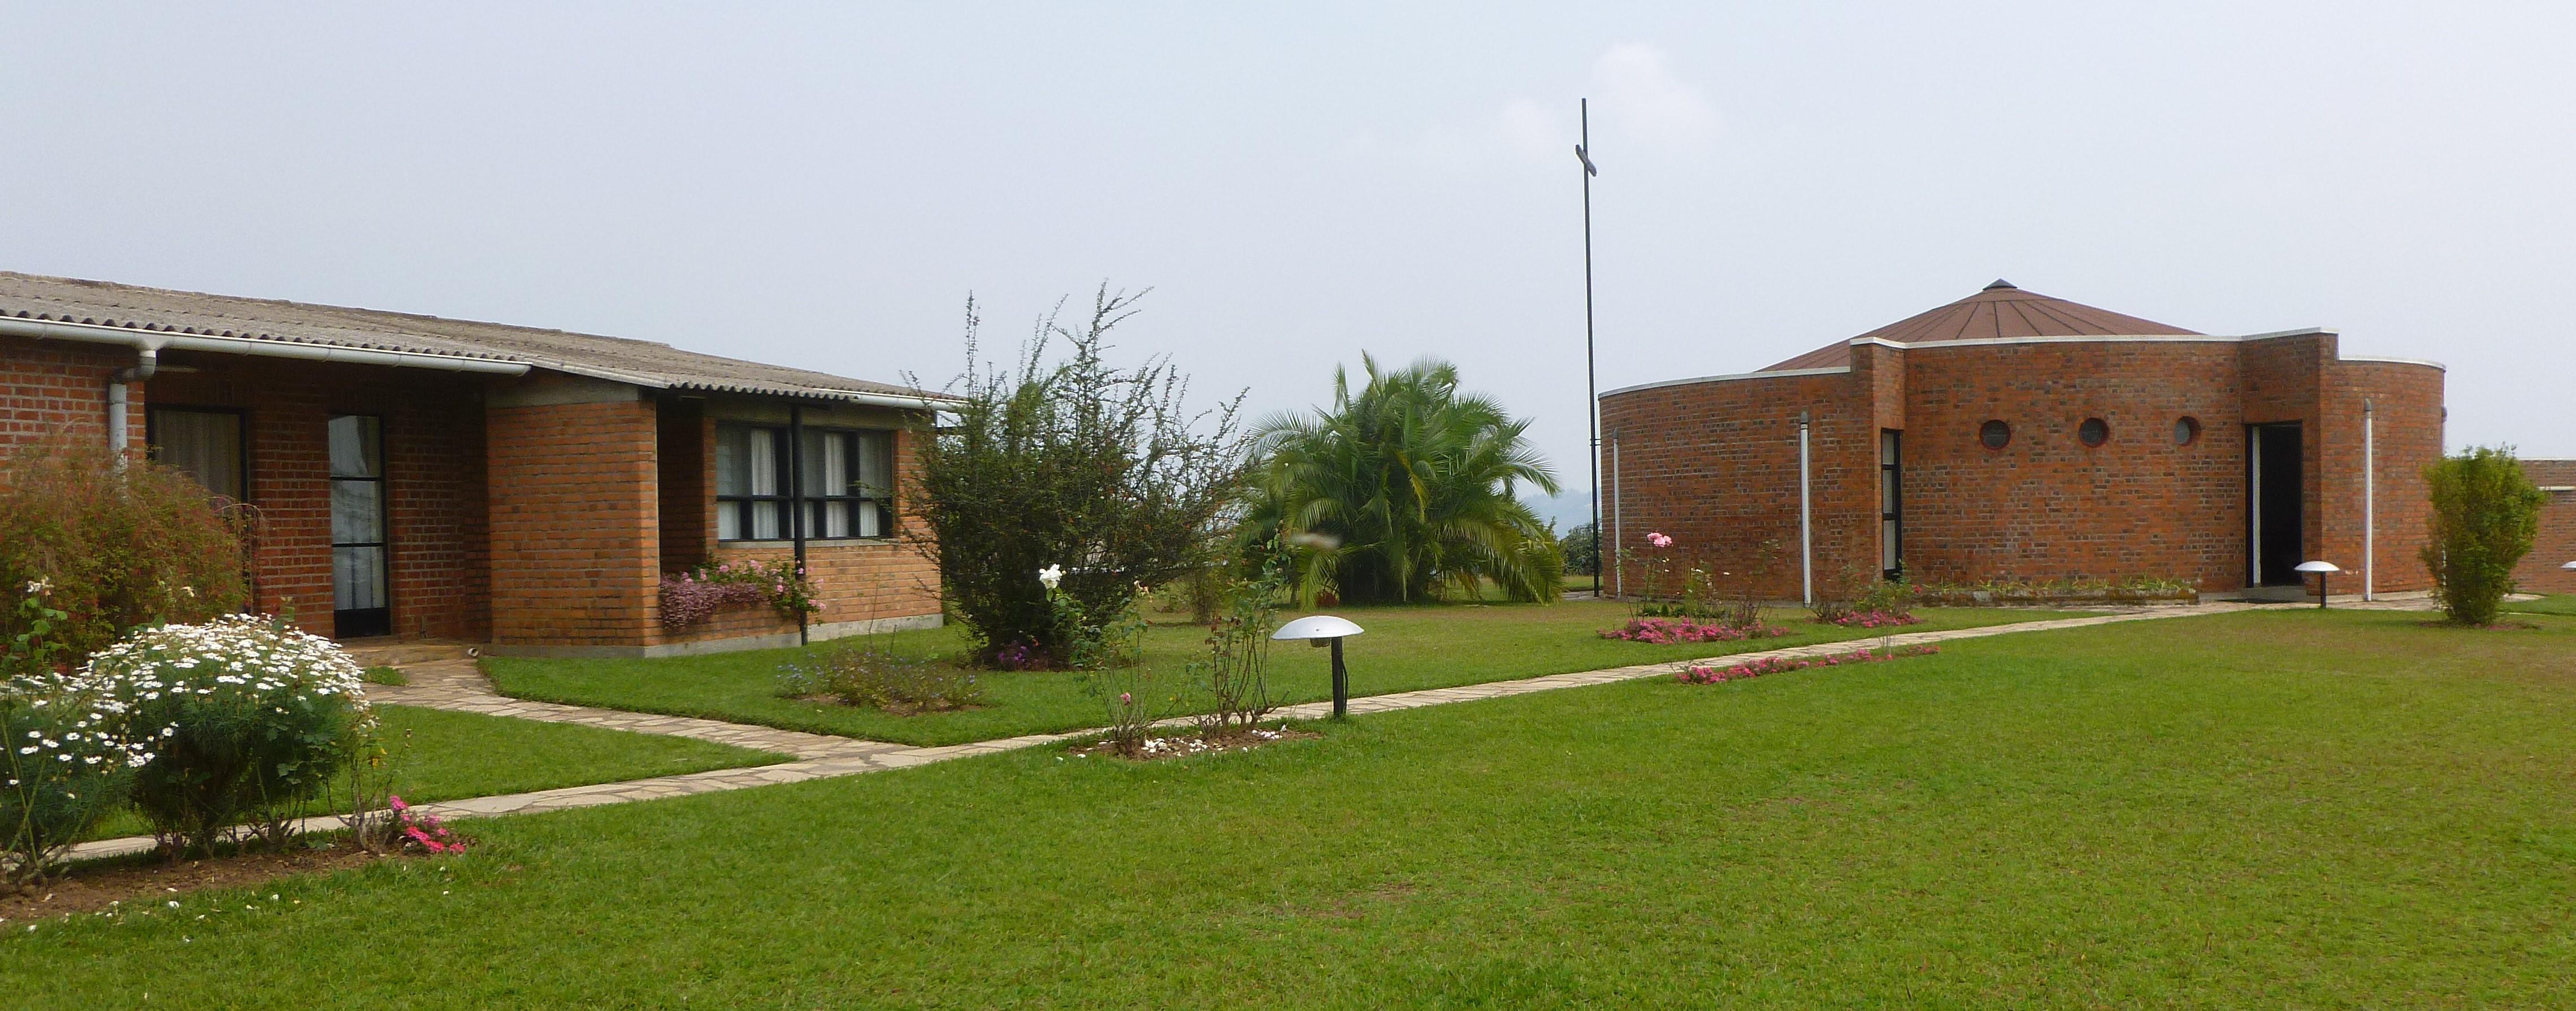 AU  FOYER DE CHARITE                DU RWANDA